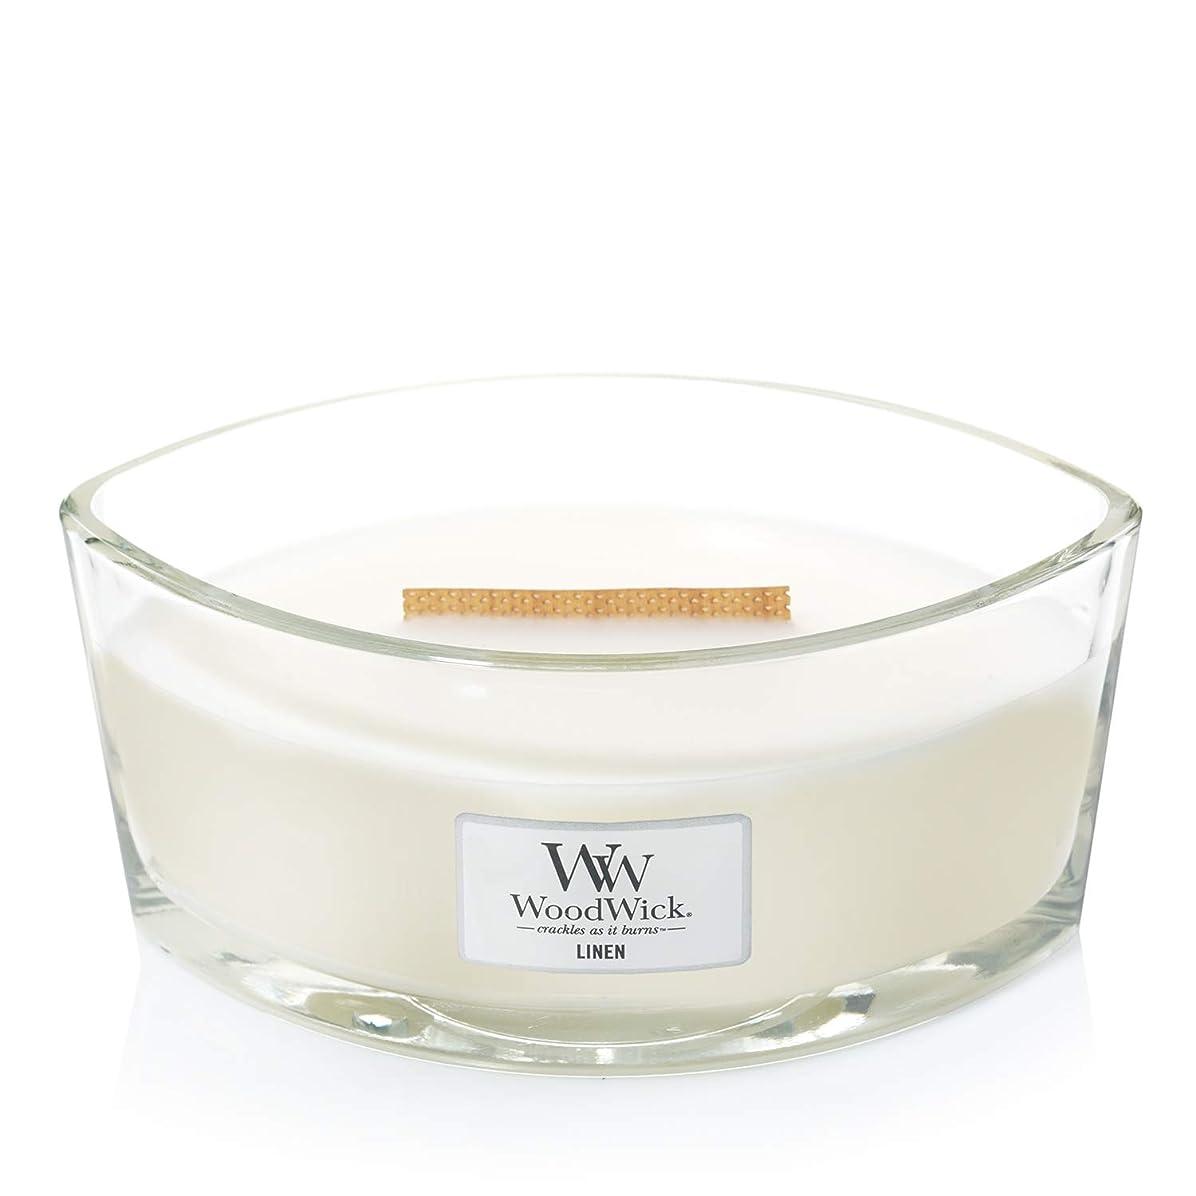 さようなら誘発するブリード(11.4cm l x 19cm w x 8.8cm h) - WoodWick 76135 Linen HearthWick Candle, White